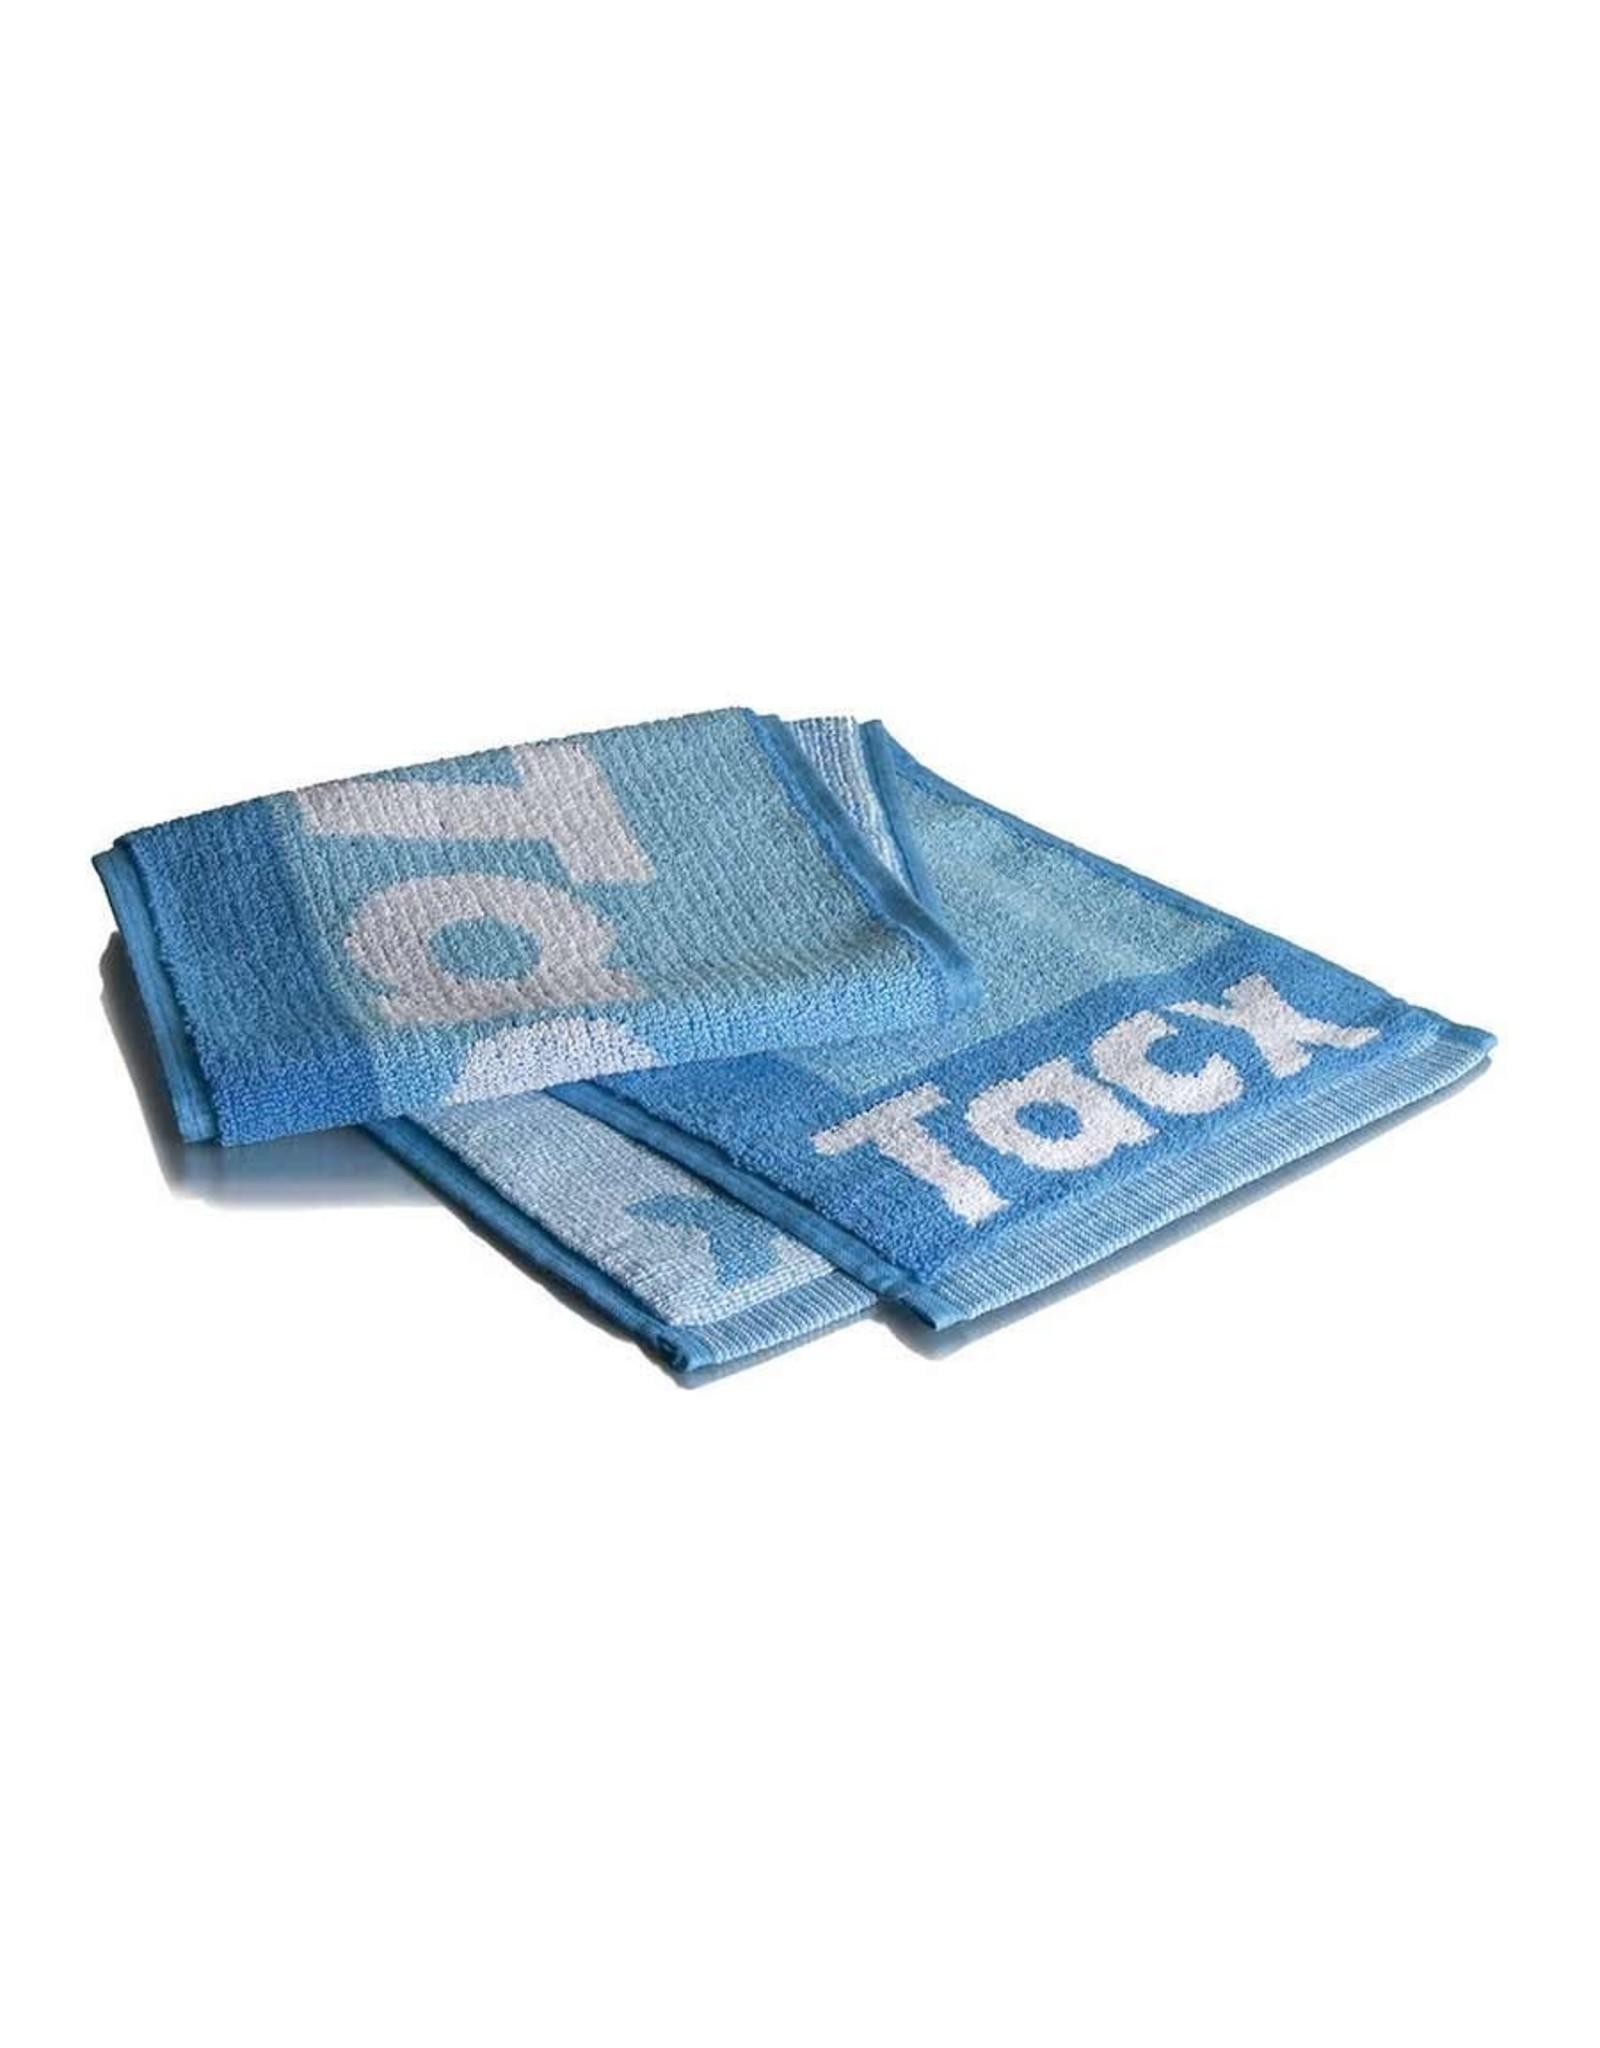 Tacx Tacx Towel